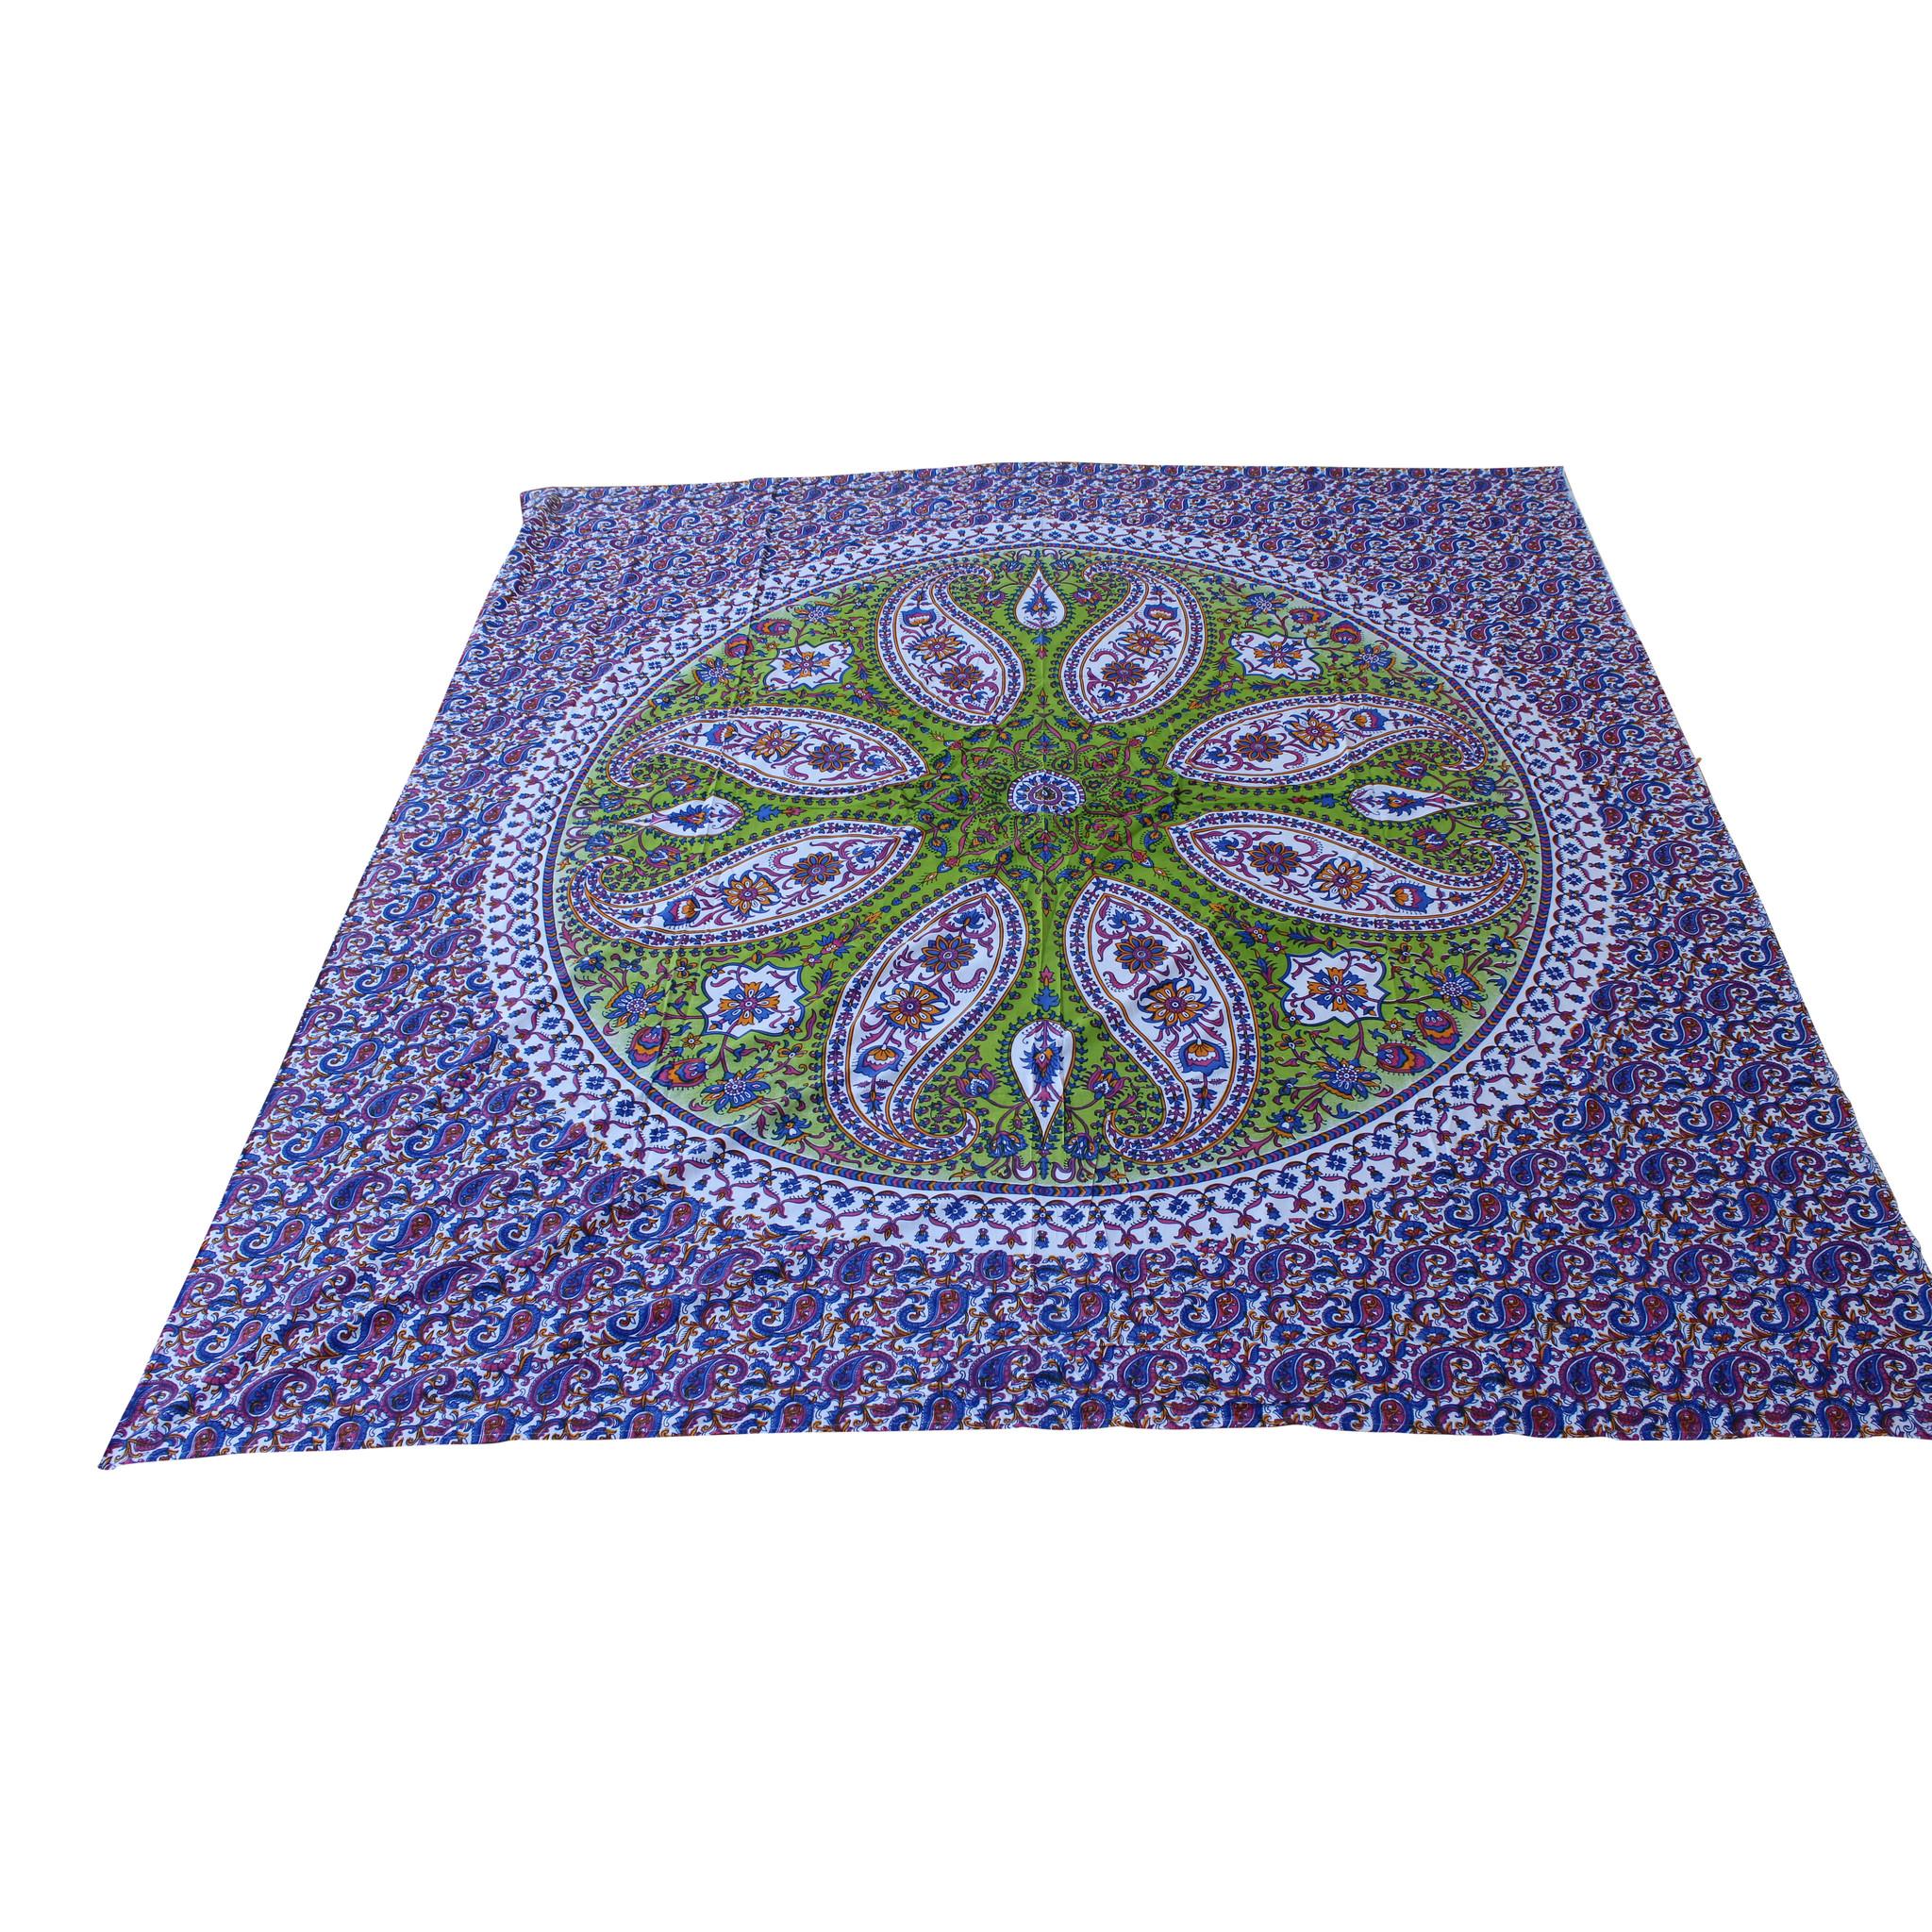 Myroundie Myroundie - roundie - vierkant strandlaken XL – yoga kleed- speelkleed - picknickkleed -100% katoen – Q55